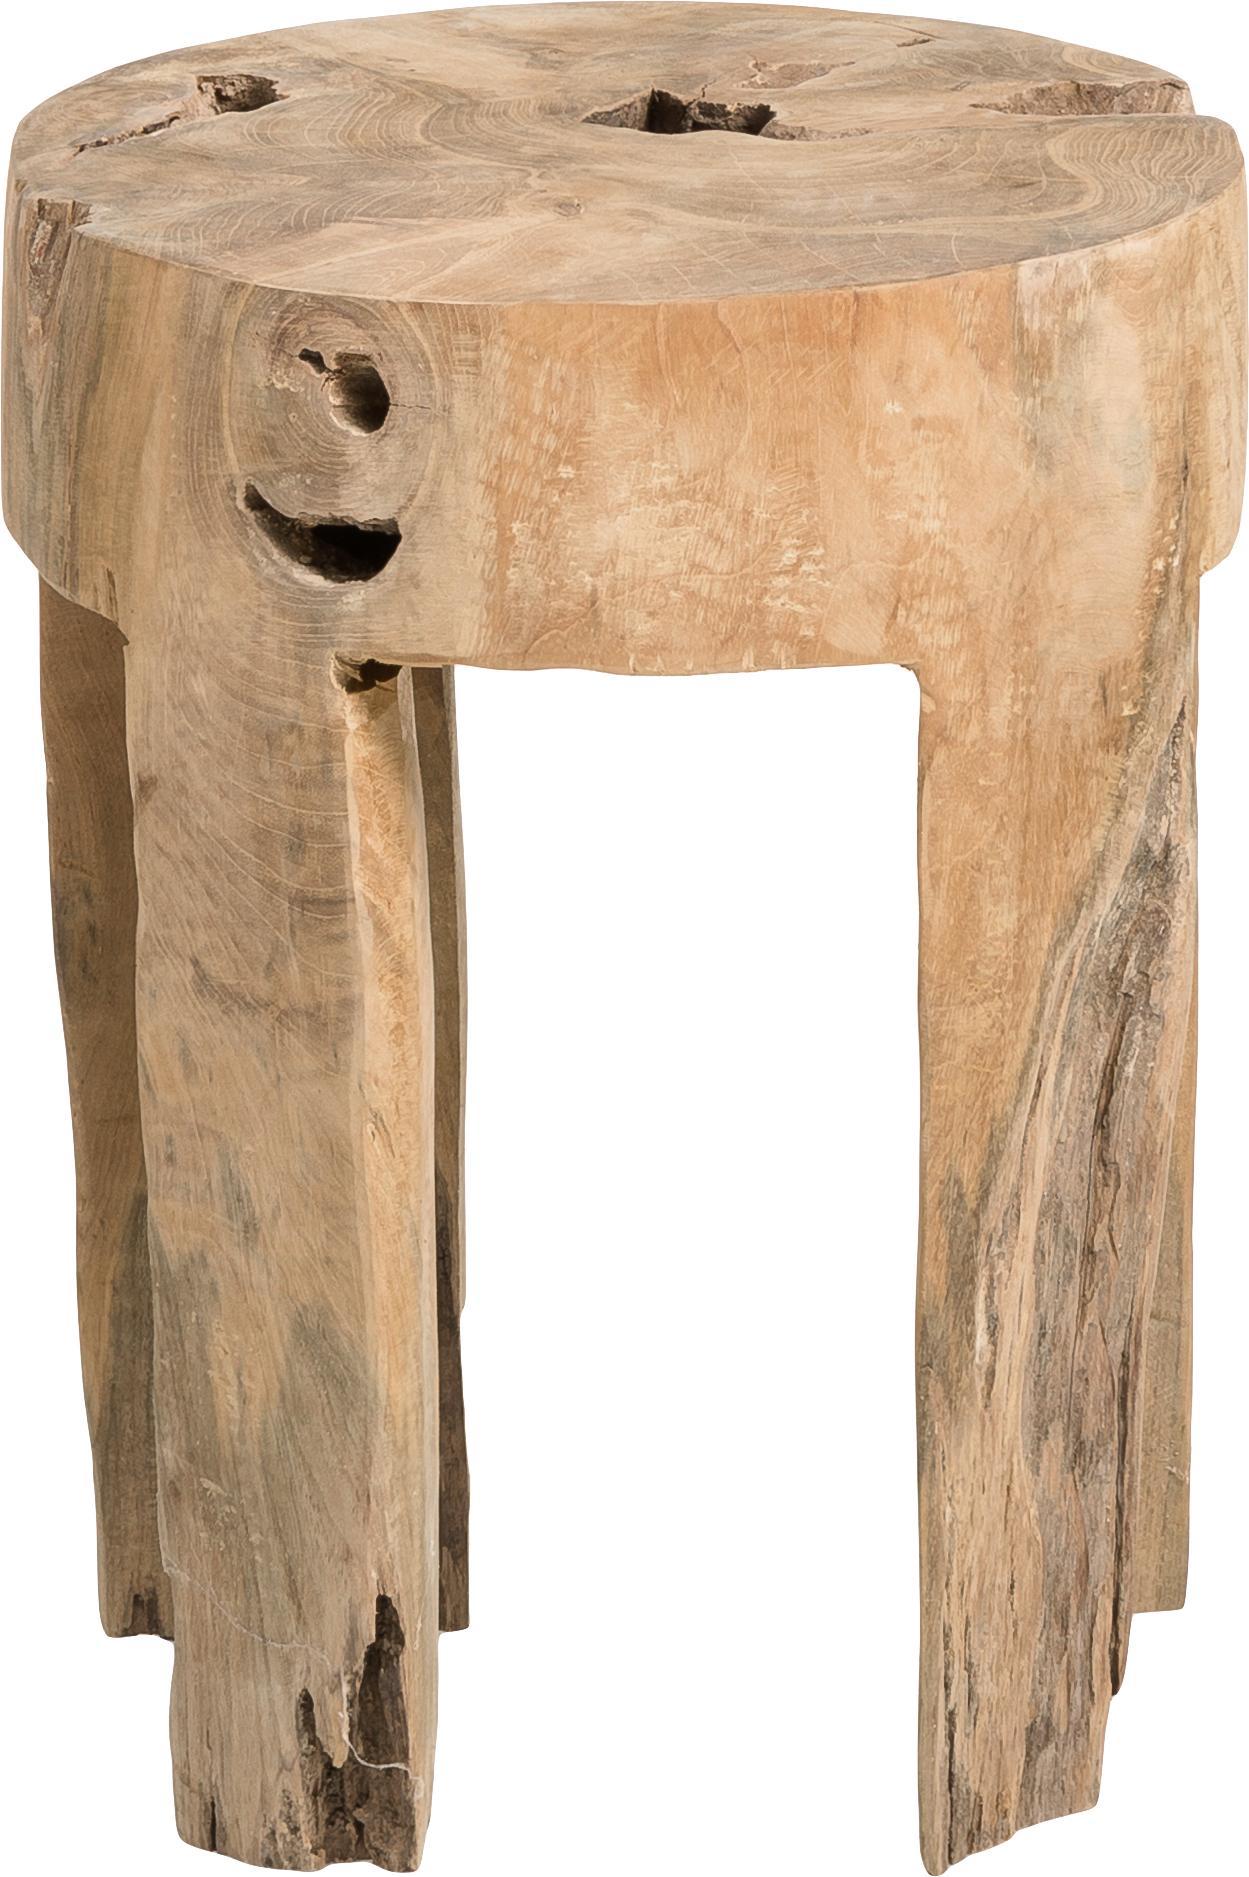 Kruk Java van teakhout, Massief teakhout, Teakkleurig, Ø 30 x H 40 cm